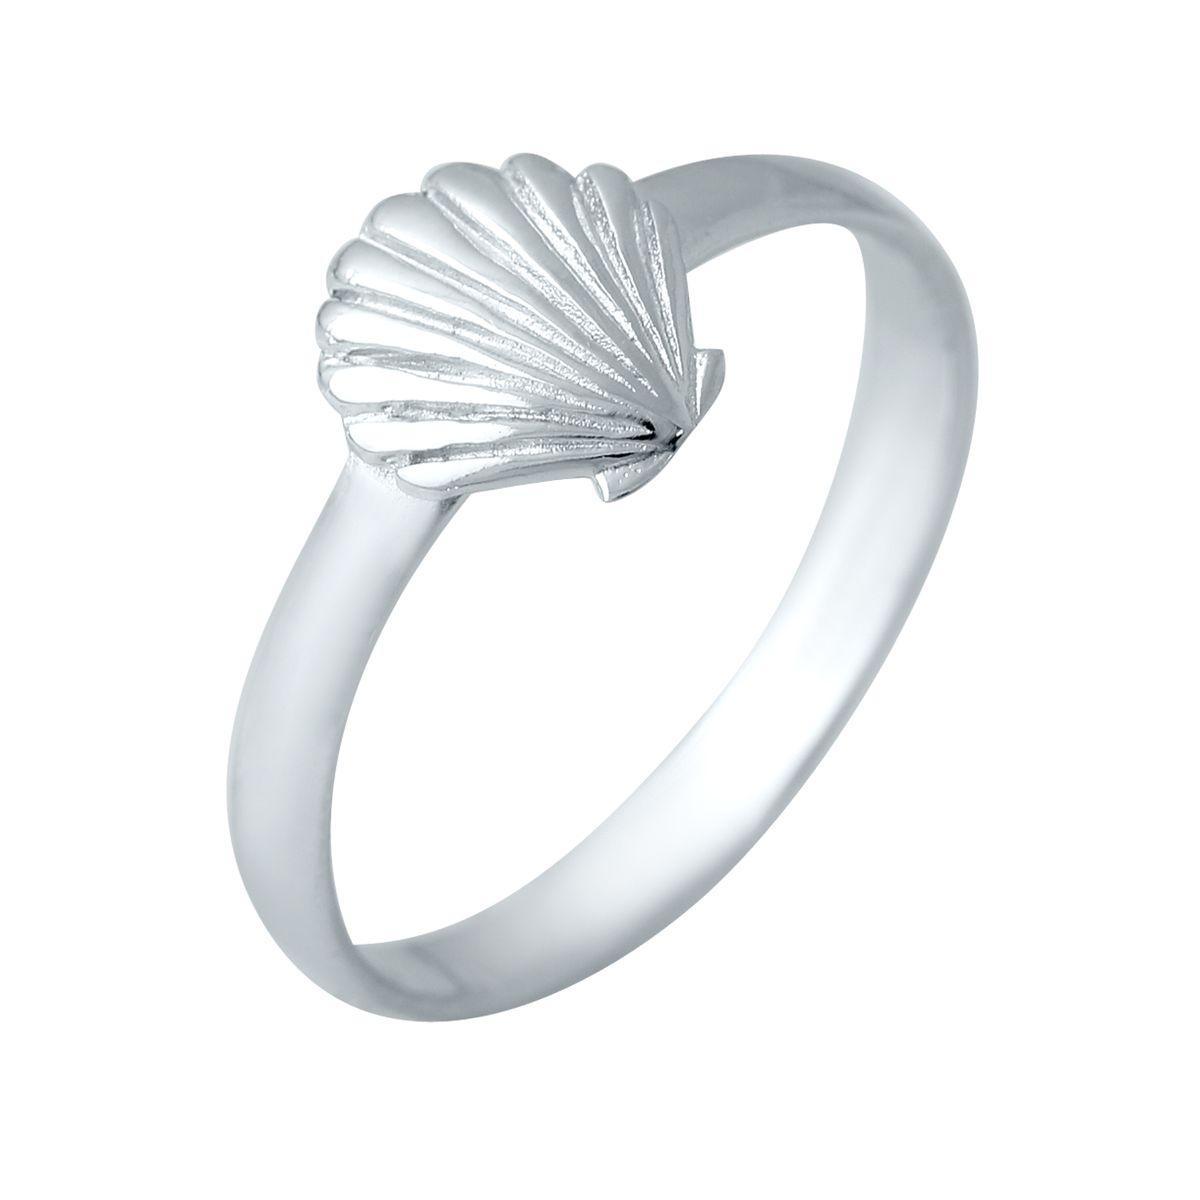 Серебряное кольцо DreamJewelry без камней (2038627) 17.5 размер